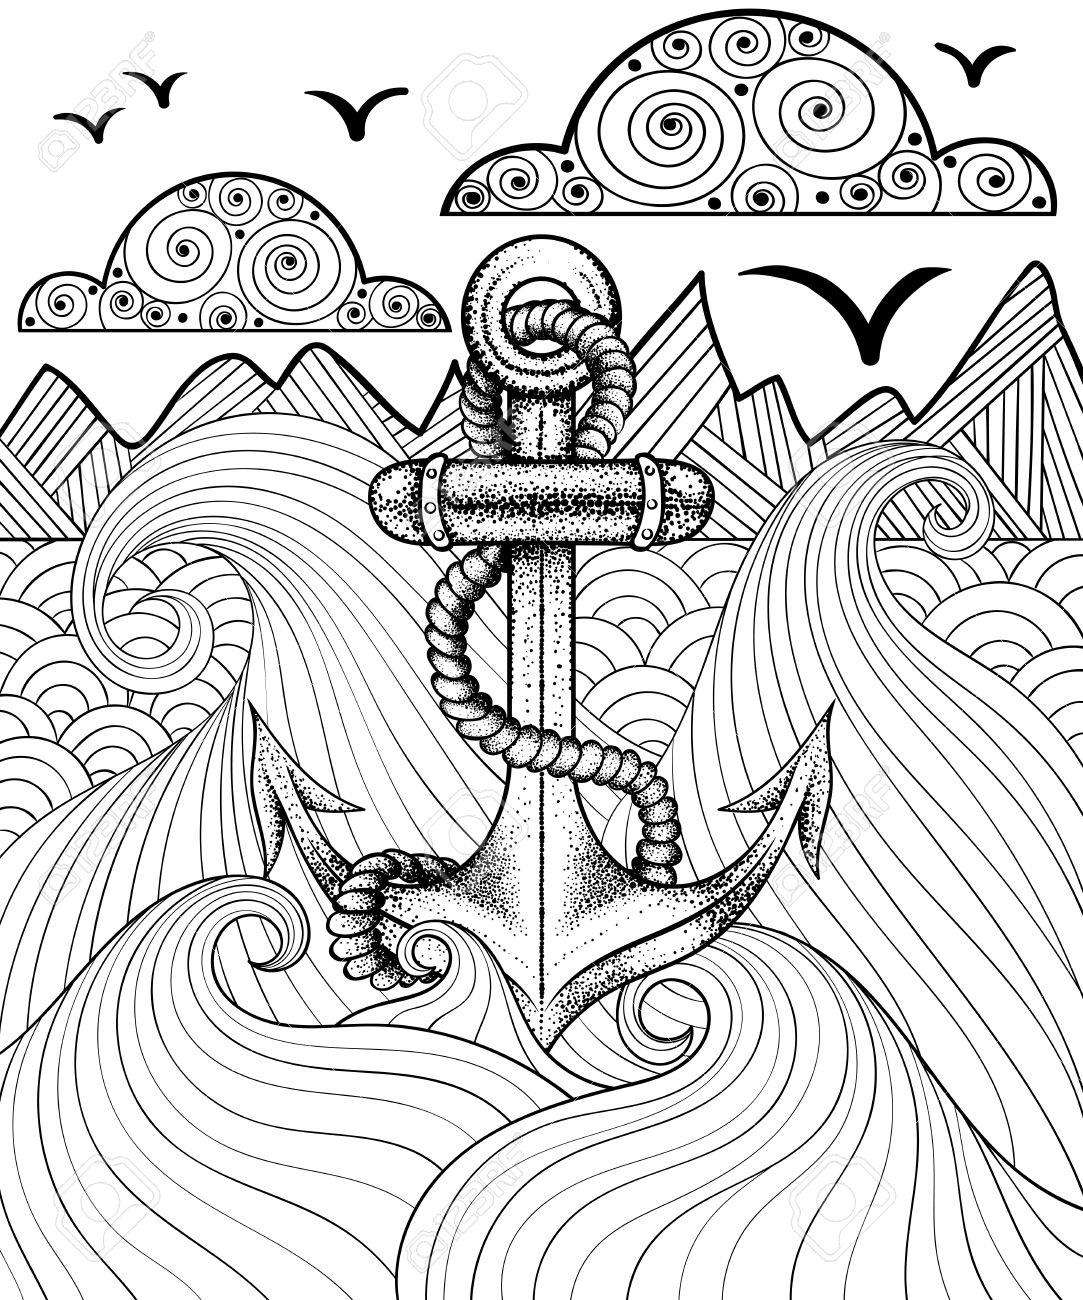 banque dimages vector zentangle imprimer pour coloriage adulte hand drawn ancrage artistique ethnique de la mer motif ornemental